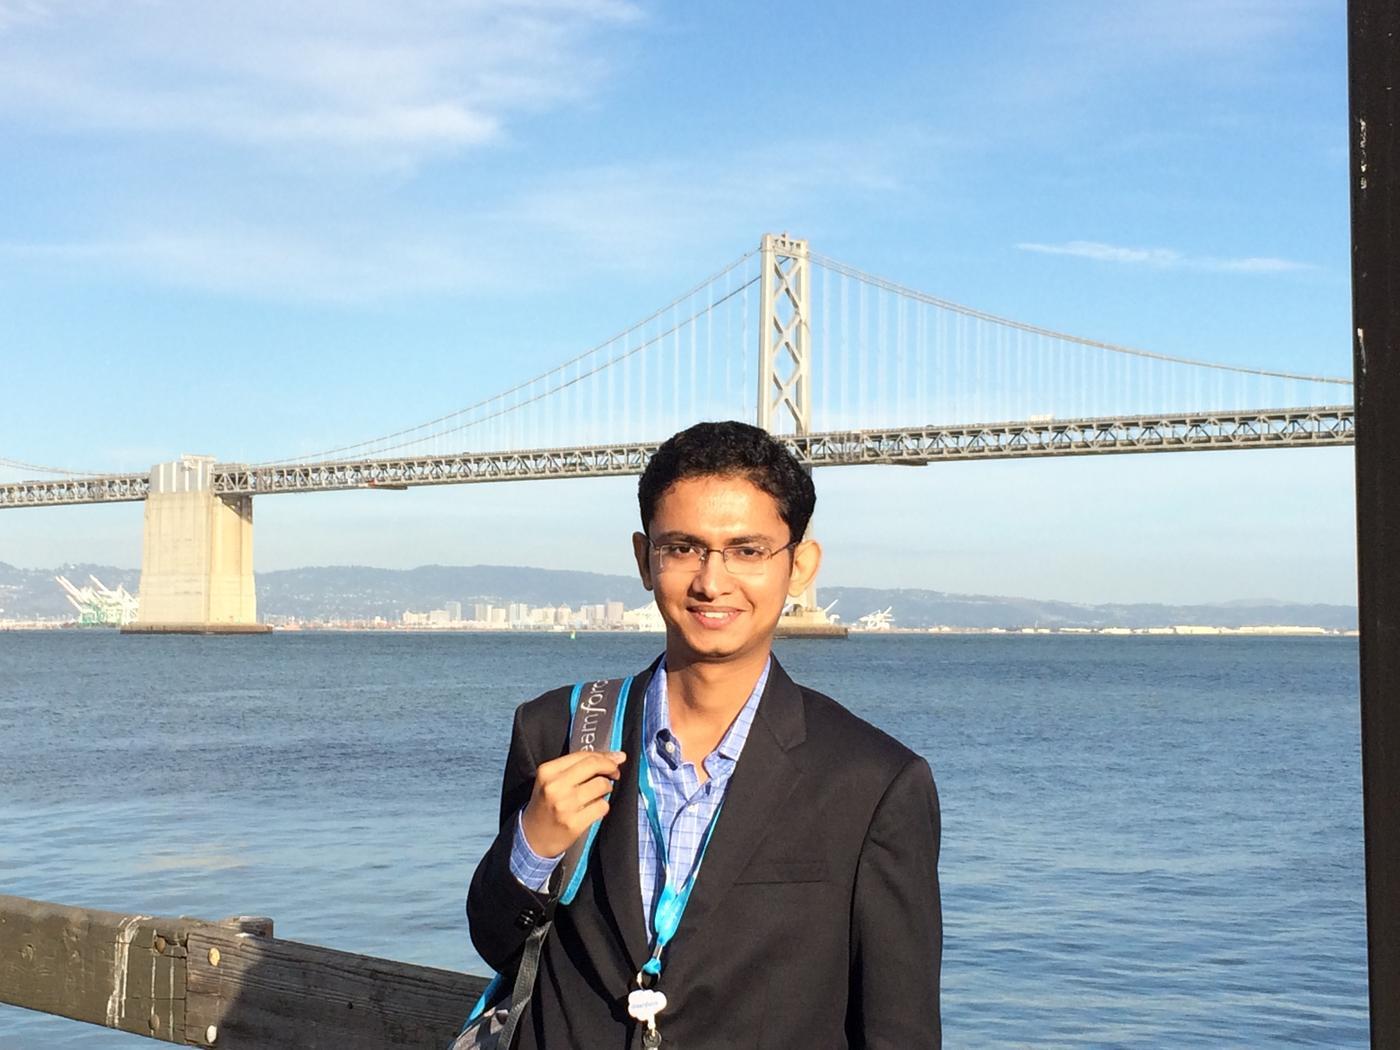 Sagar Pareek